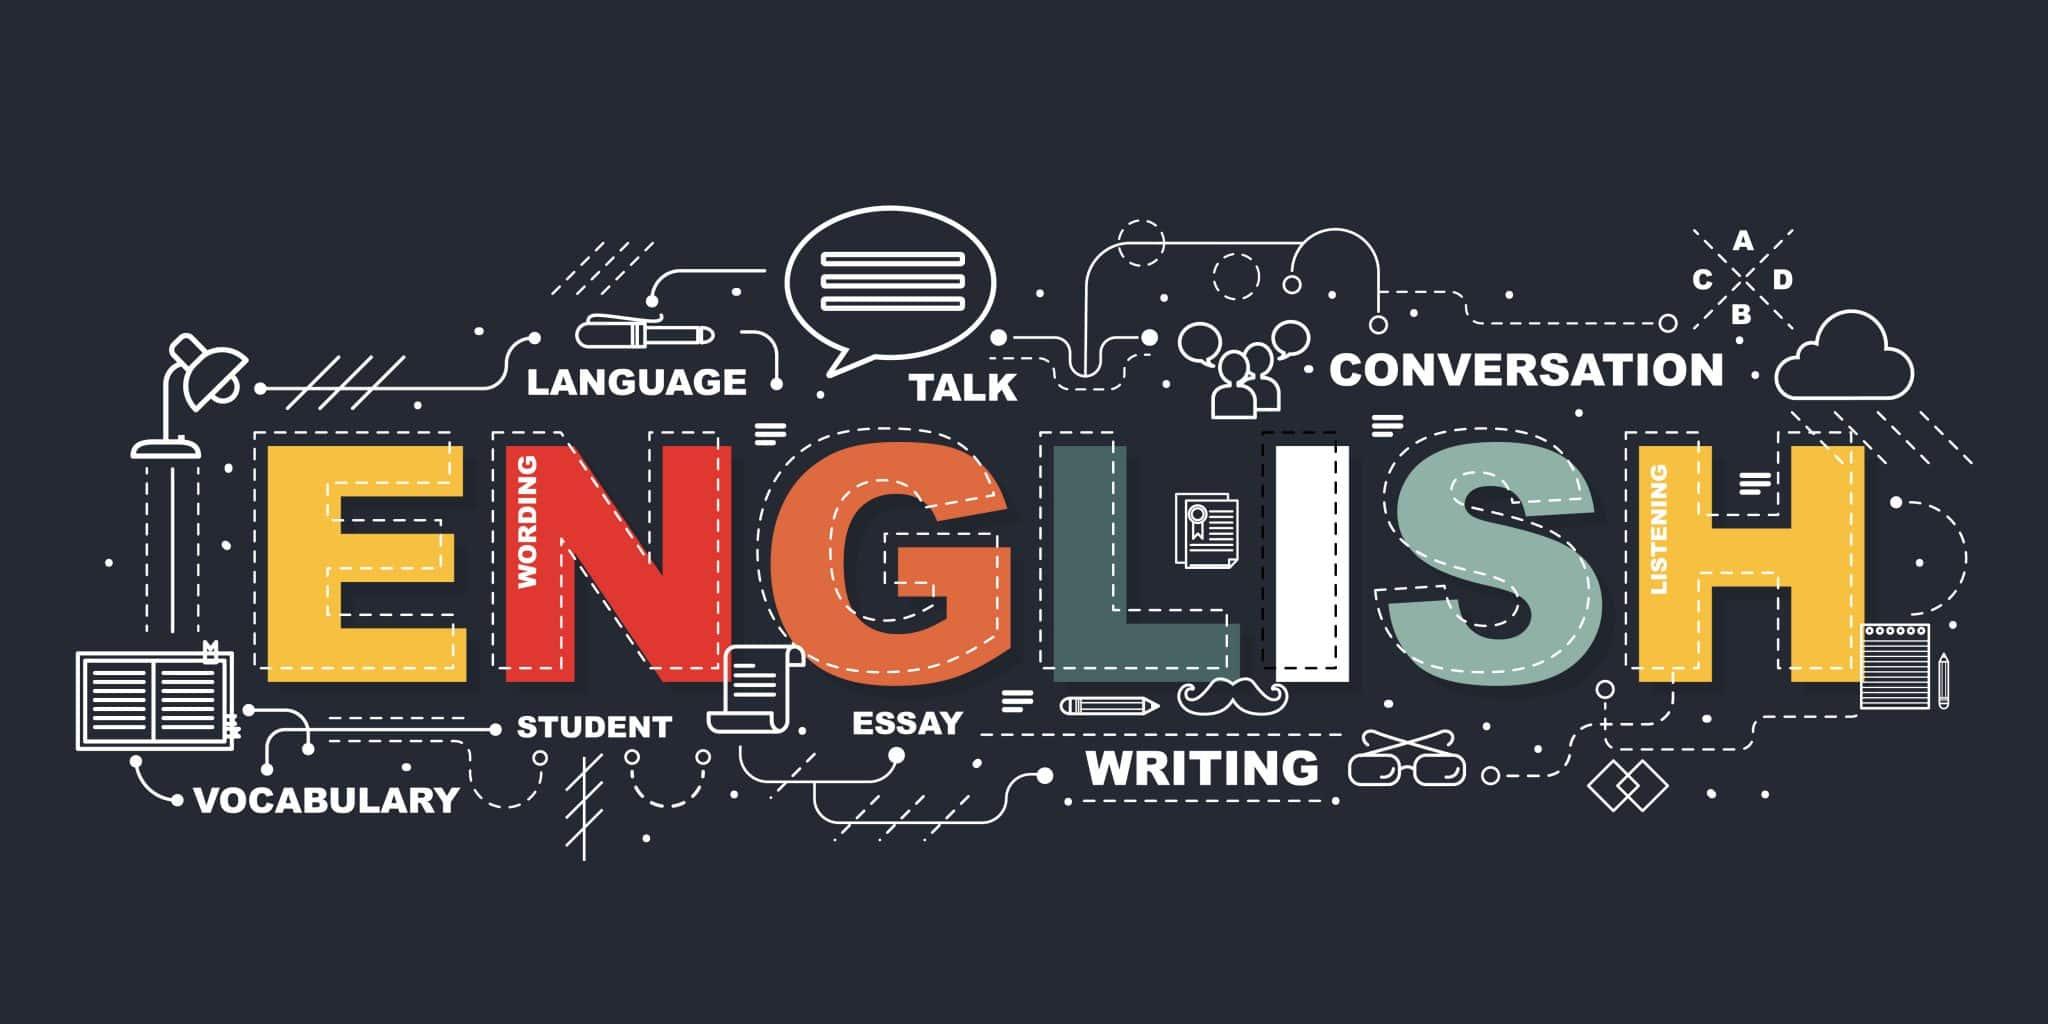 اختبار تحديد مستوى انجليزي اختبار تحديد المستوى اختبار تحديد مستوى اللغة الانجليزية مع الاجابة اختبار تحديد مستوى اللغة الانجليزية